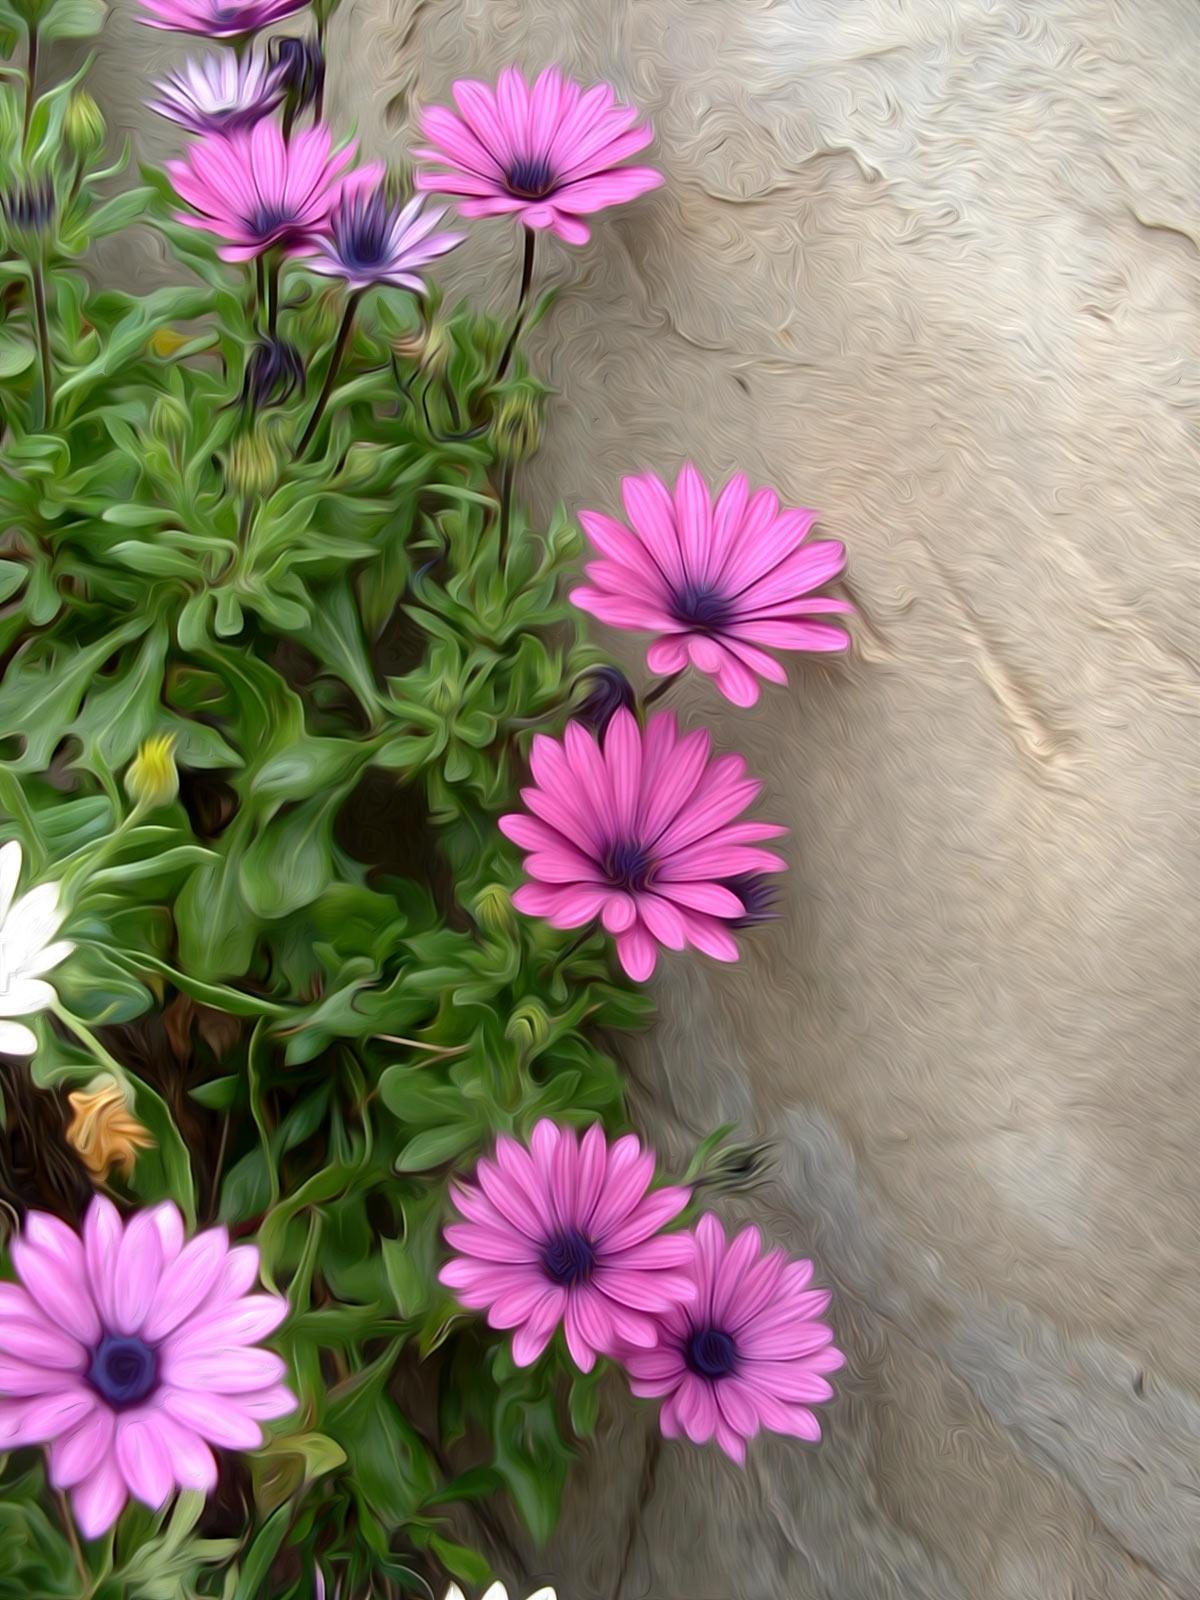 Flores Margaritas violetas